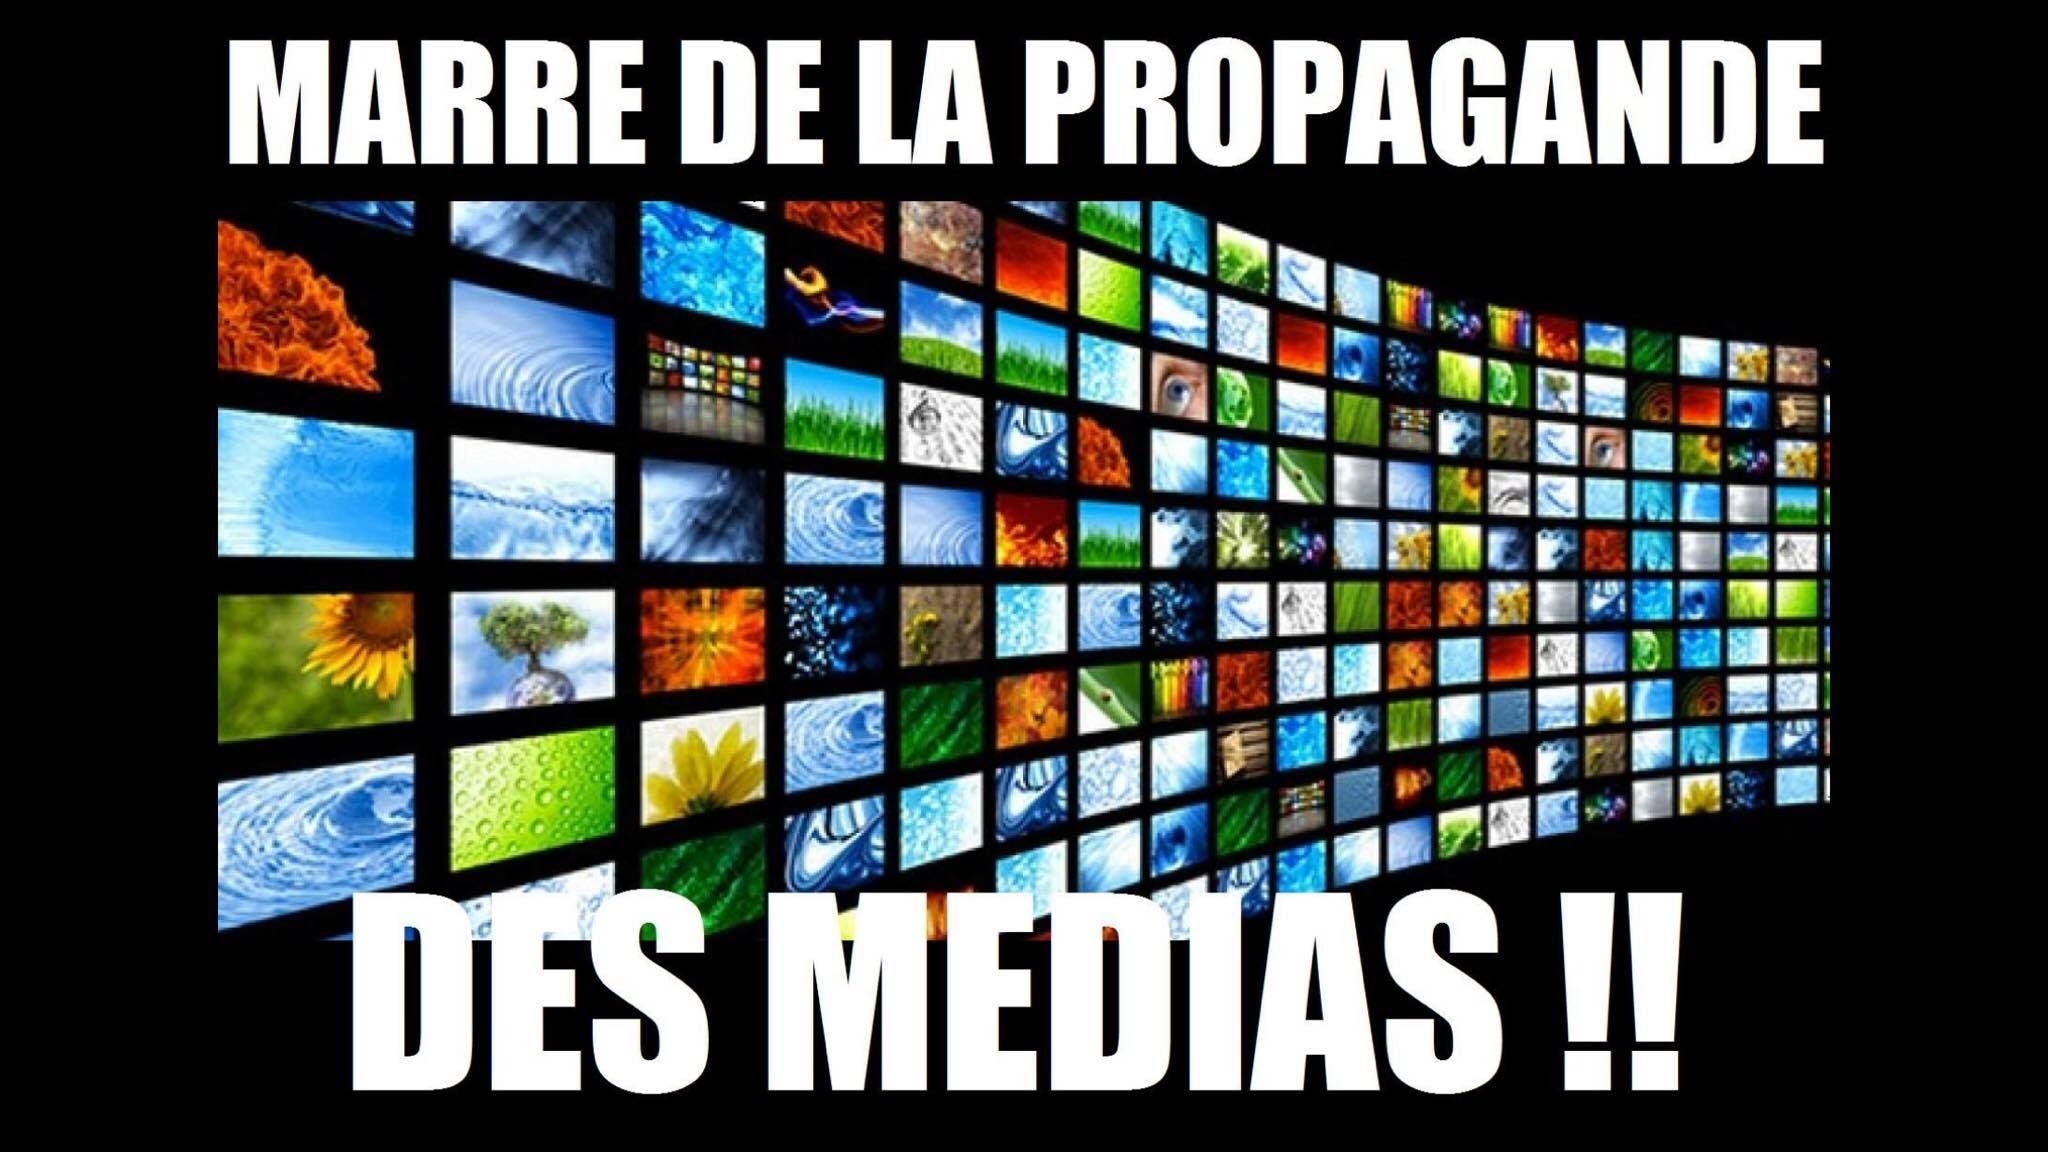 média propagande